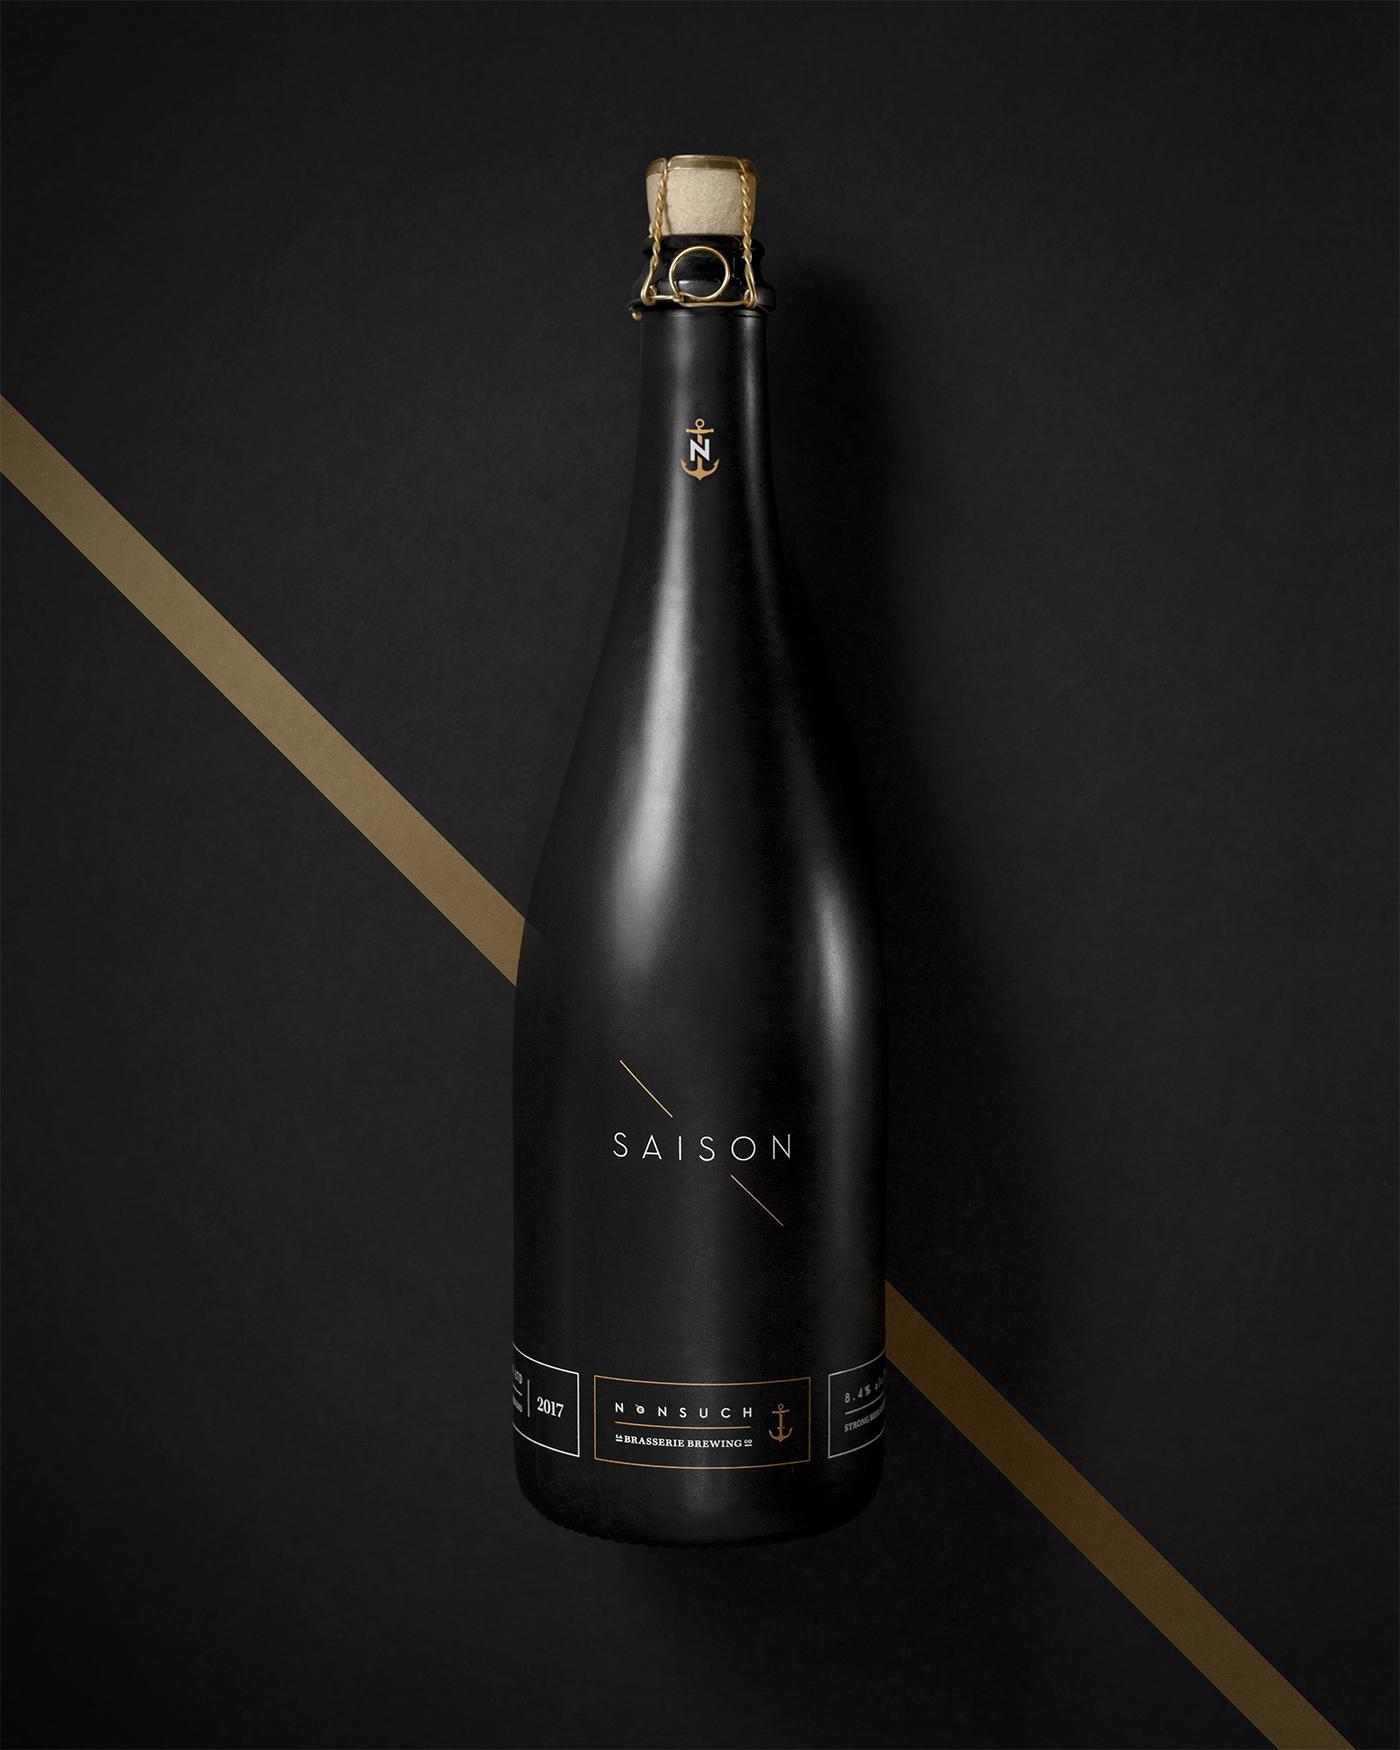 Saison Bottle Vertical 1400.jpg